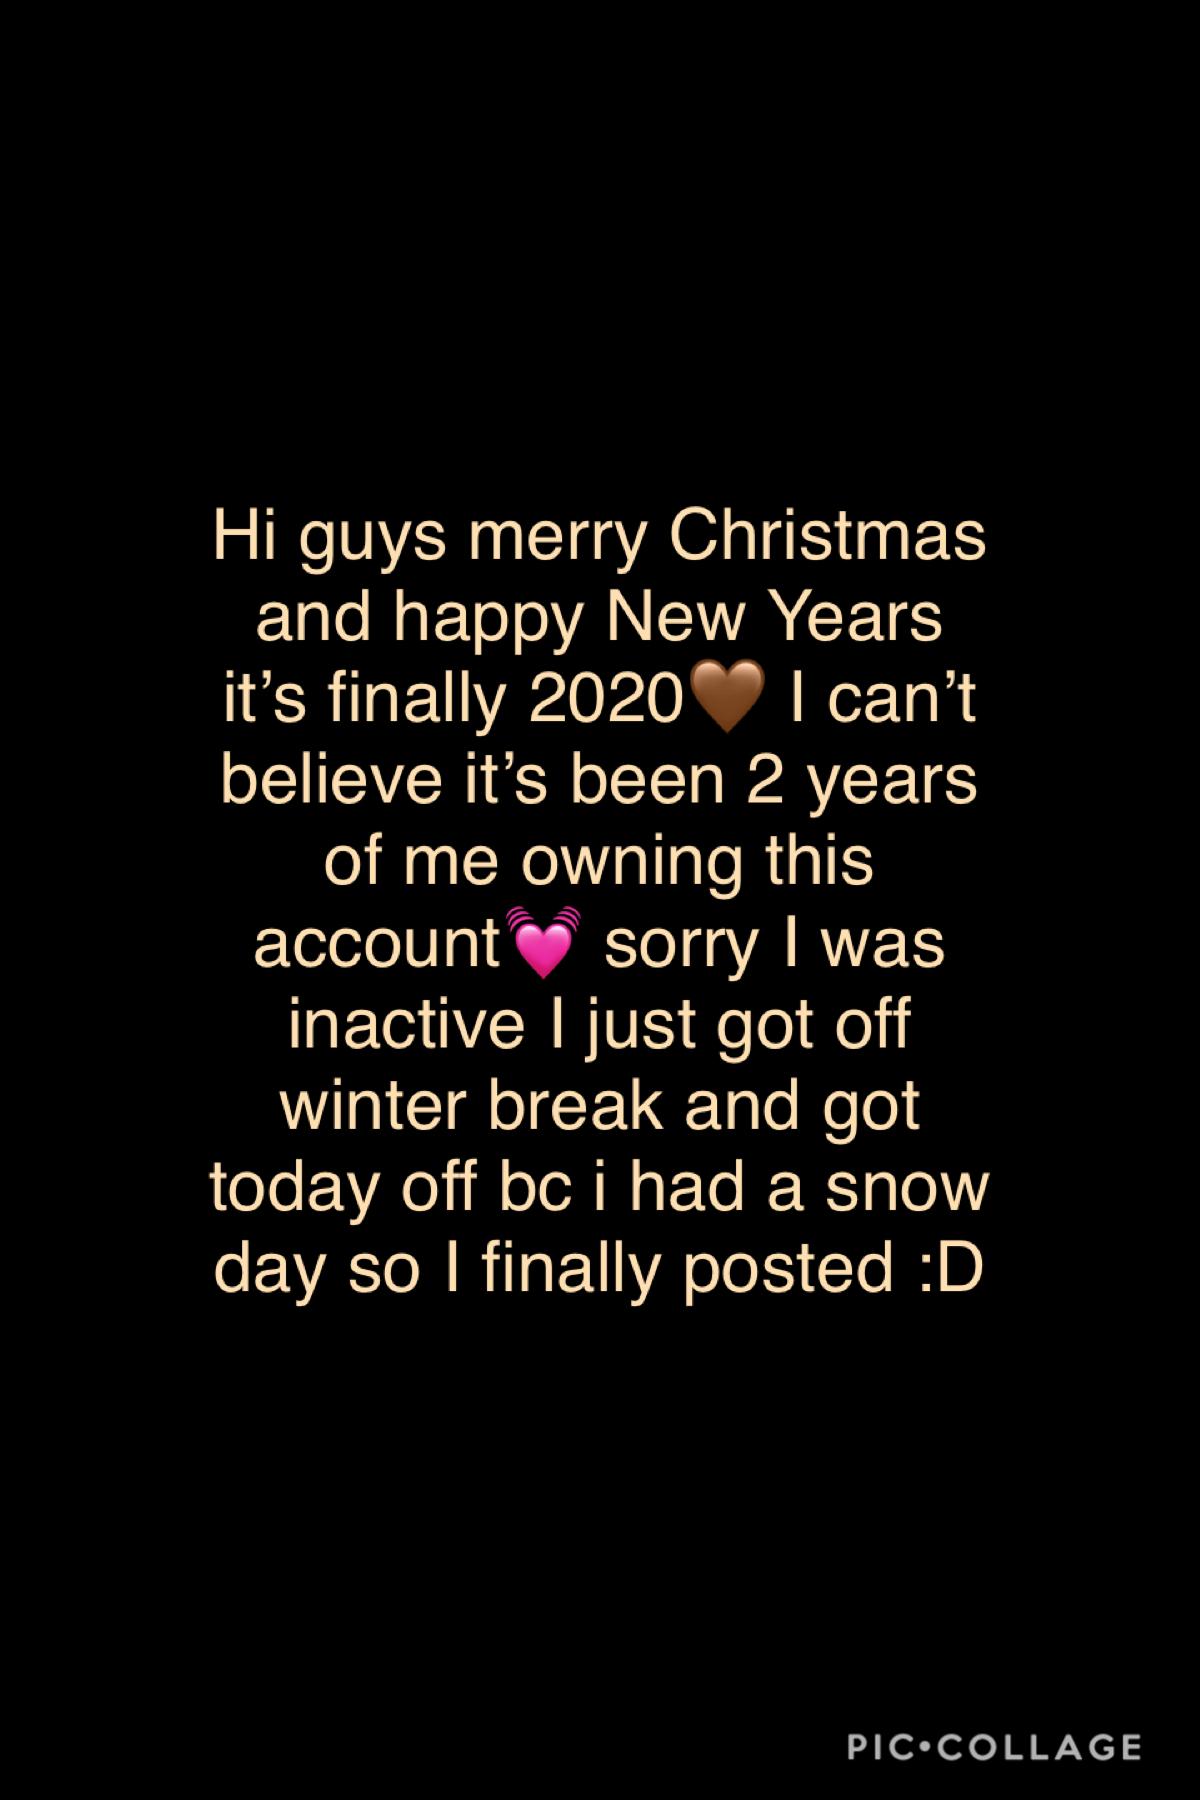 Happy holidays! 💞